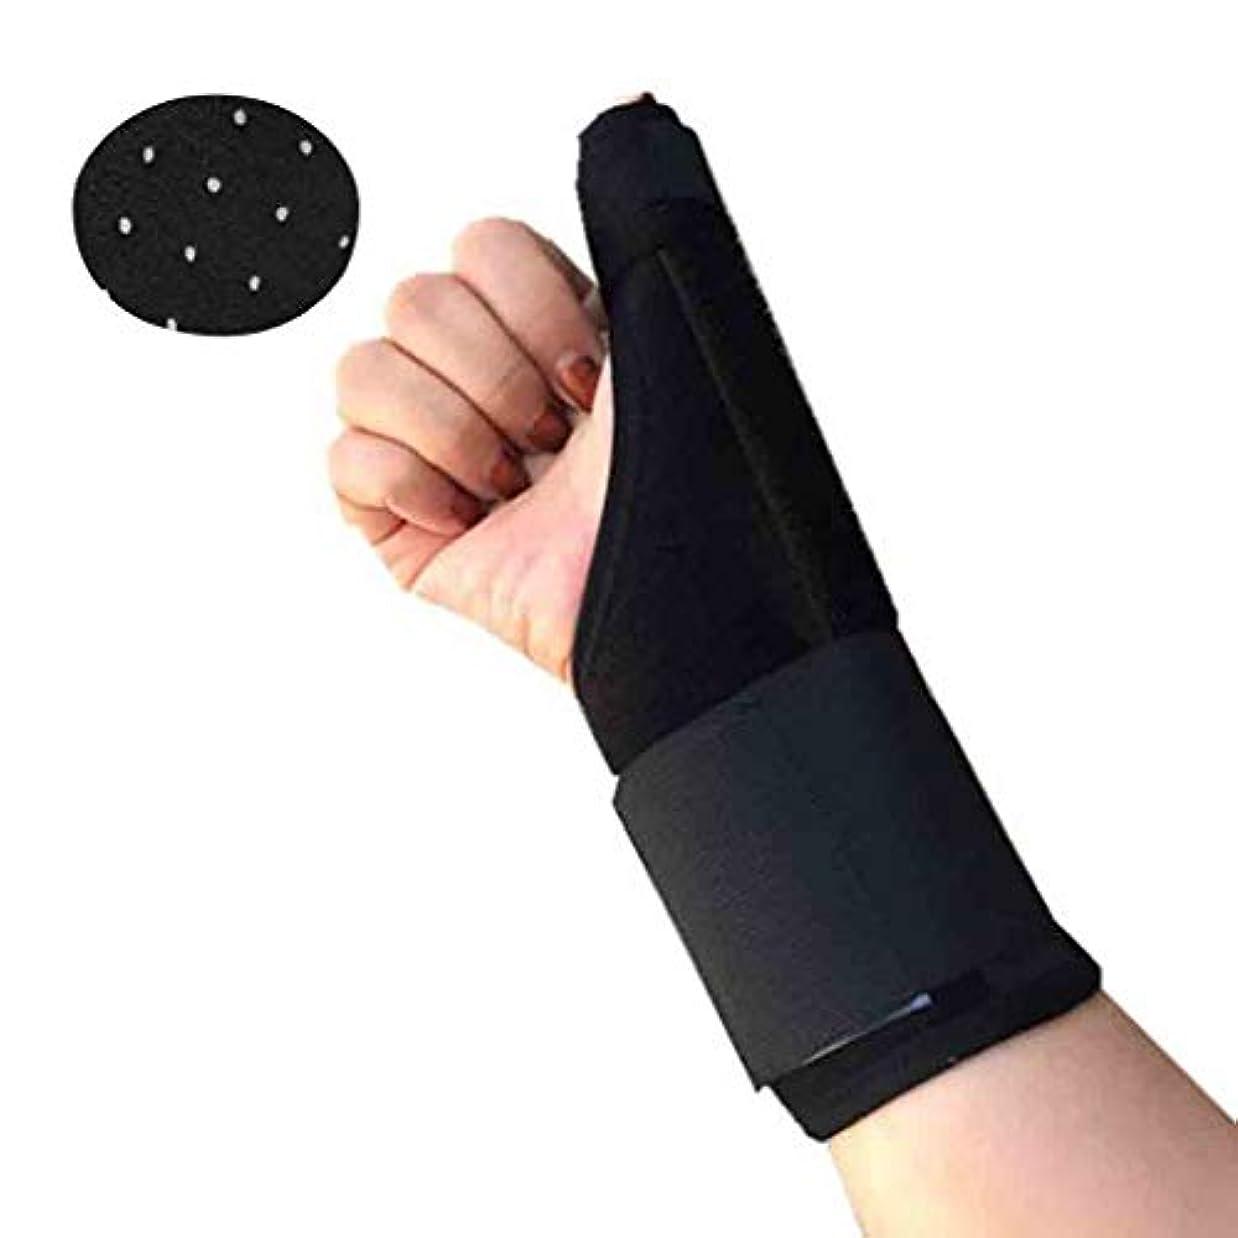 取る何でも遊具関節炎のThumbスプリントは、手根管トンネルのThumb関節Thumbブレースを固定する手首の痛みの救済は、右手と左手の両方にフィット Roscloud@